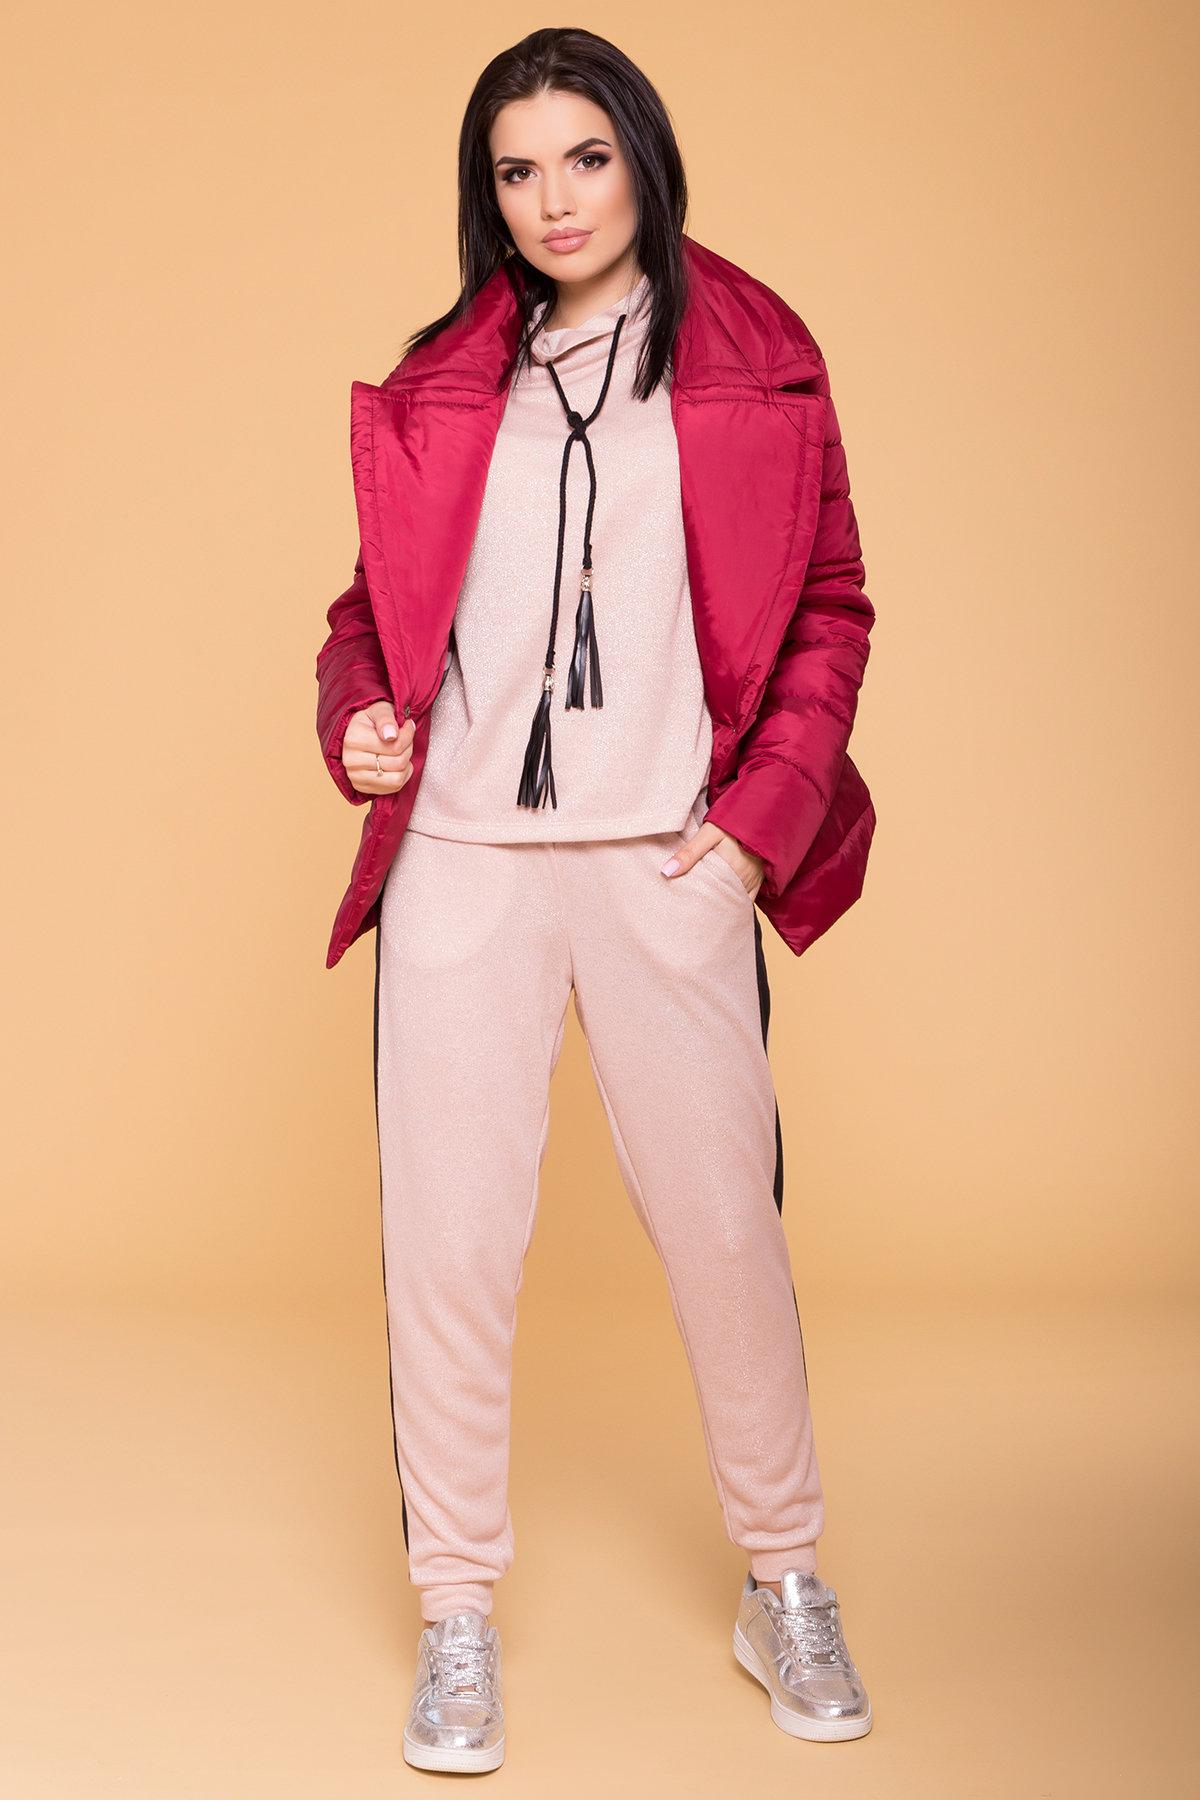 Куртка с отложным воротником Мириам 6414 АРТ. 41383 Цвет: Марсала - фото 3, интернет магазин tm-modus.ru